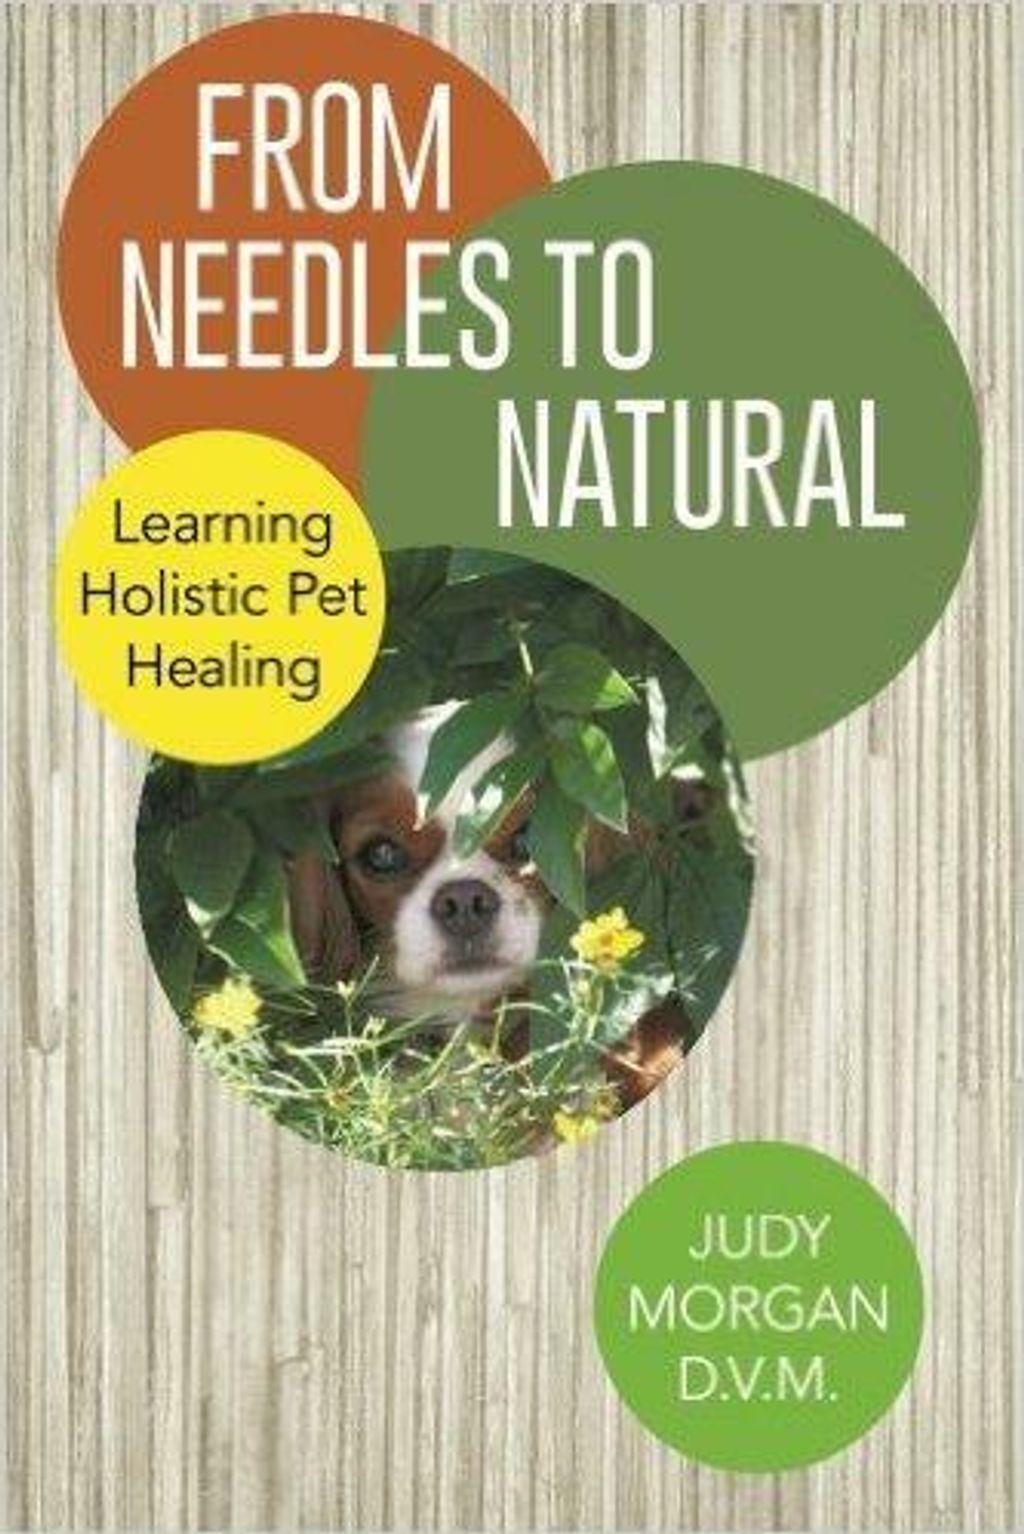 Dr Judy Morgan From Needles to Natural 01.jpg